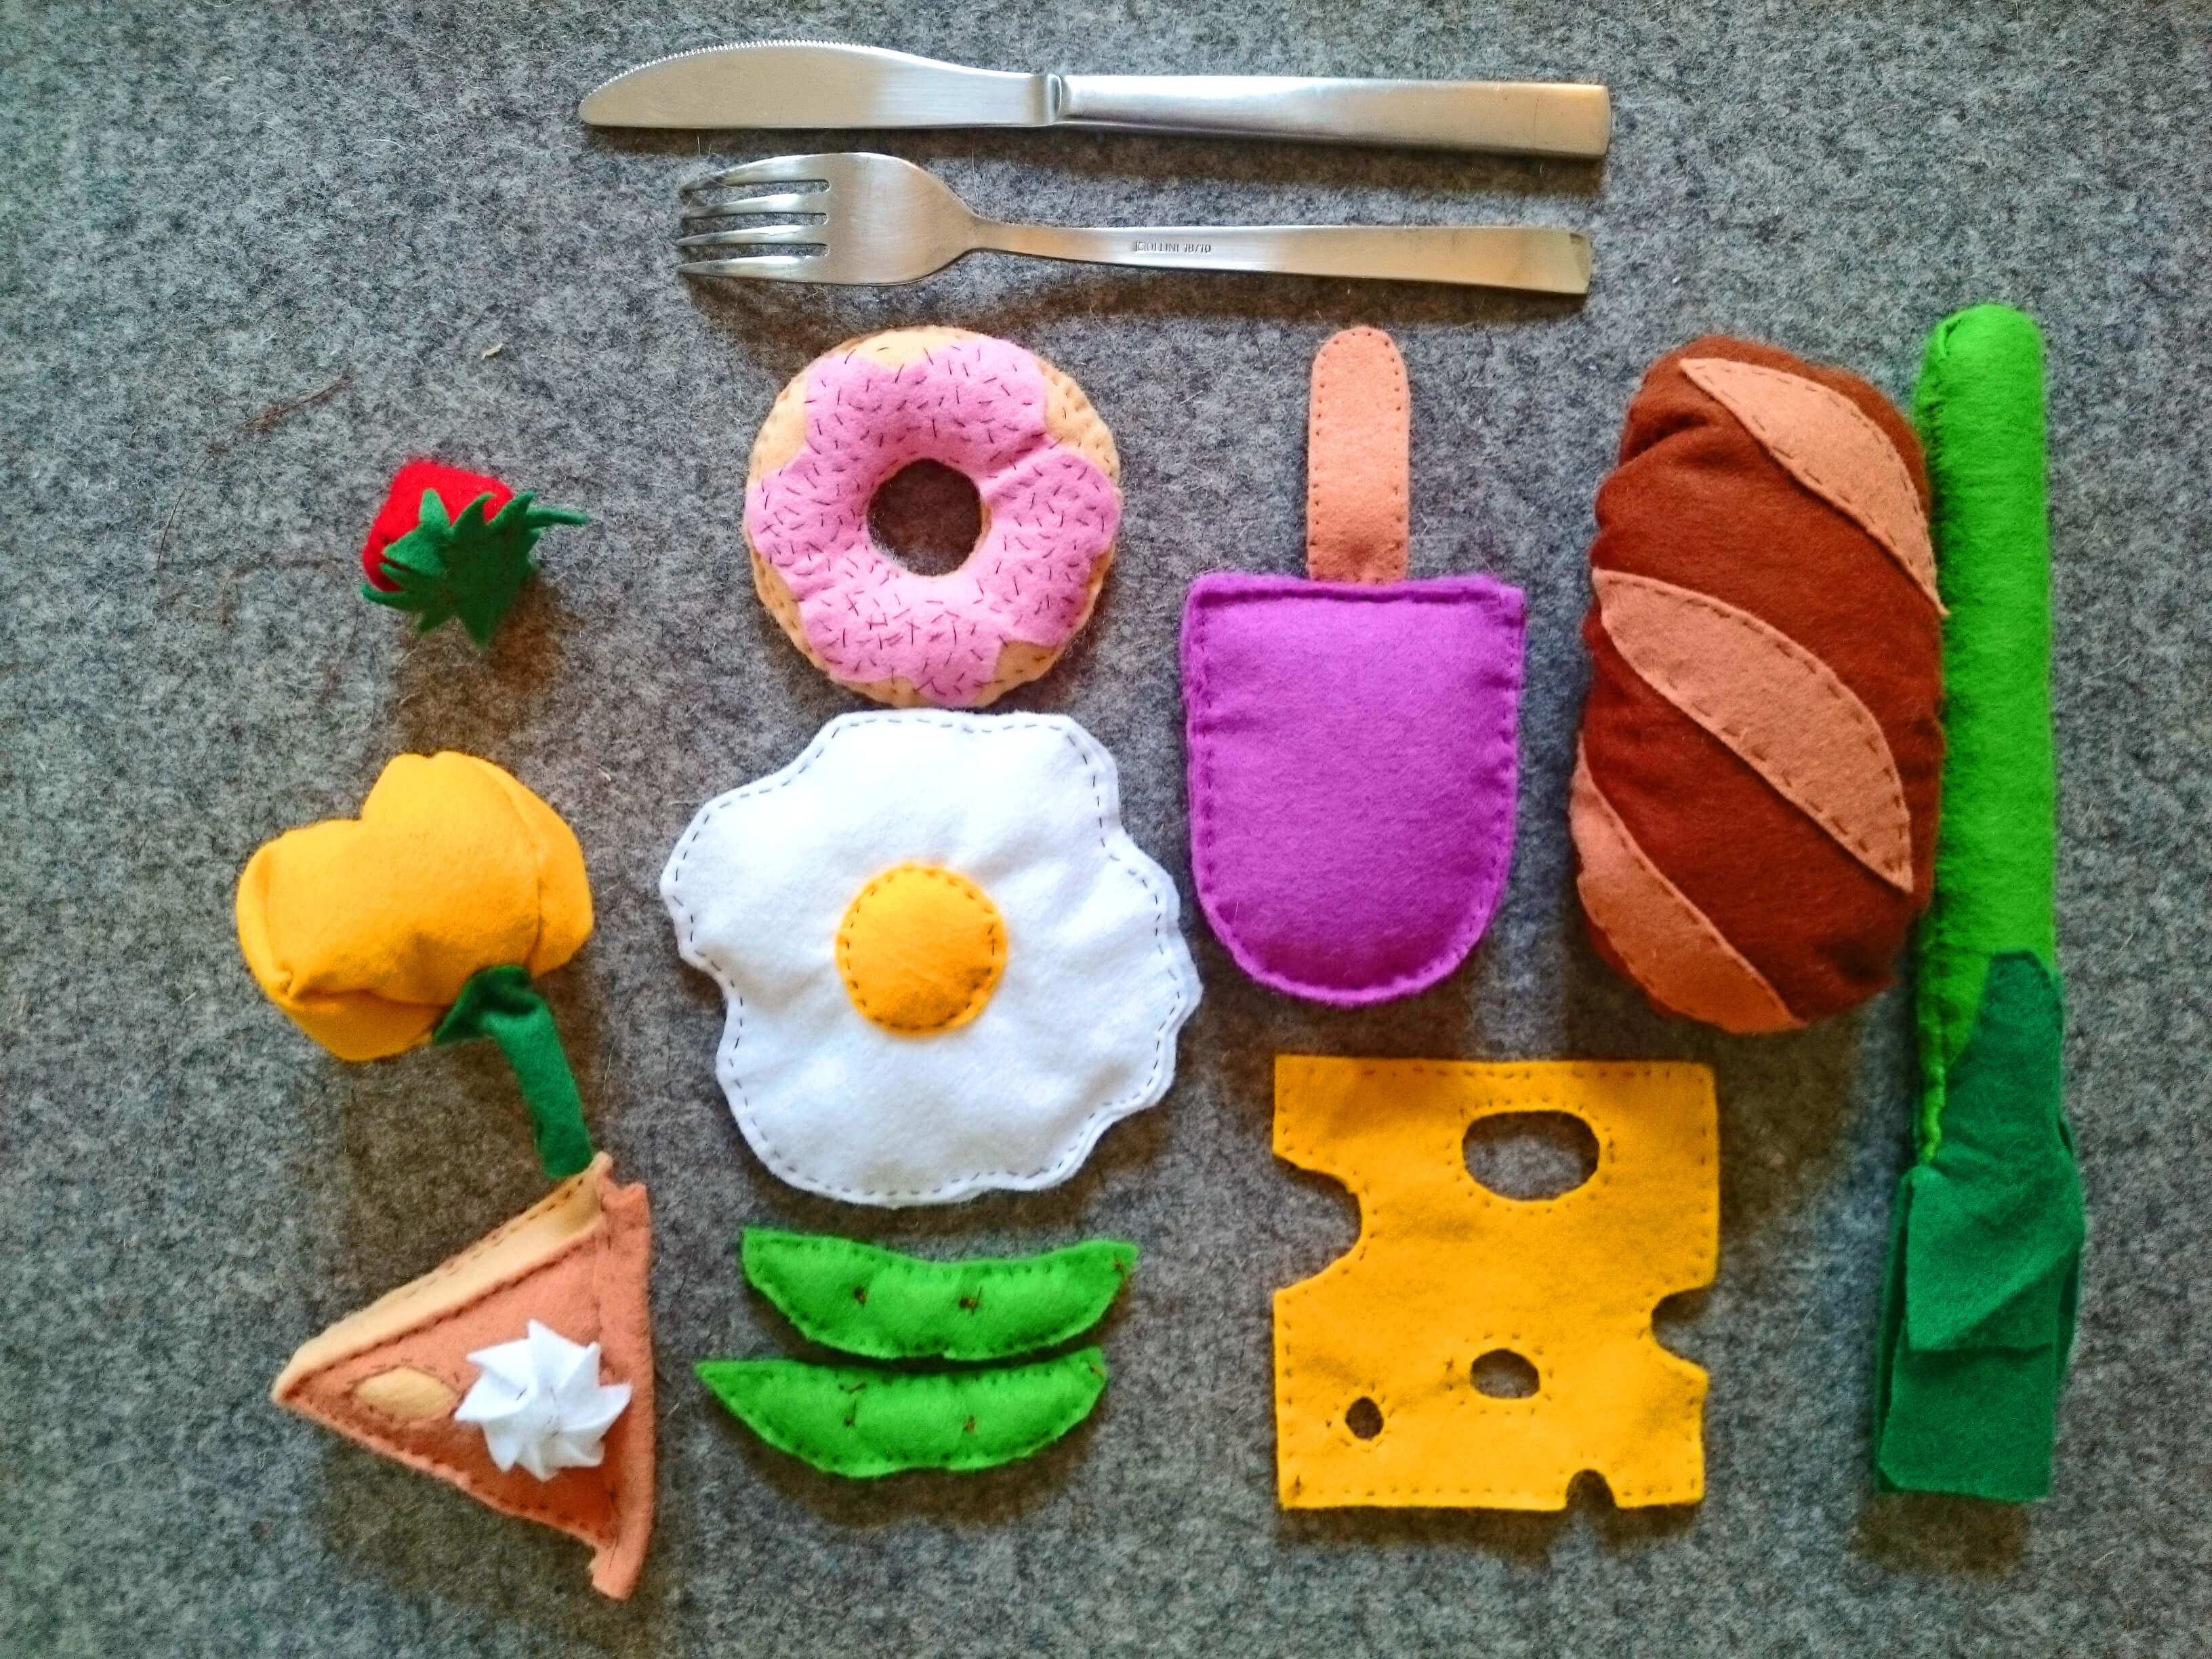 geschenkidee f r kleinkinder essen aus filz henris kaufladen diy n hen kinder und filzen. Black Bedroom Furniture Sets. Home Design Ideas